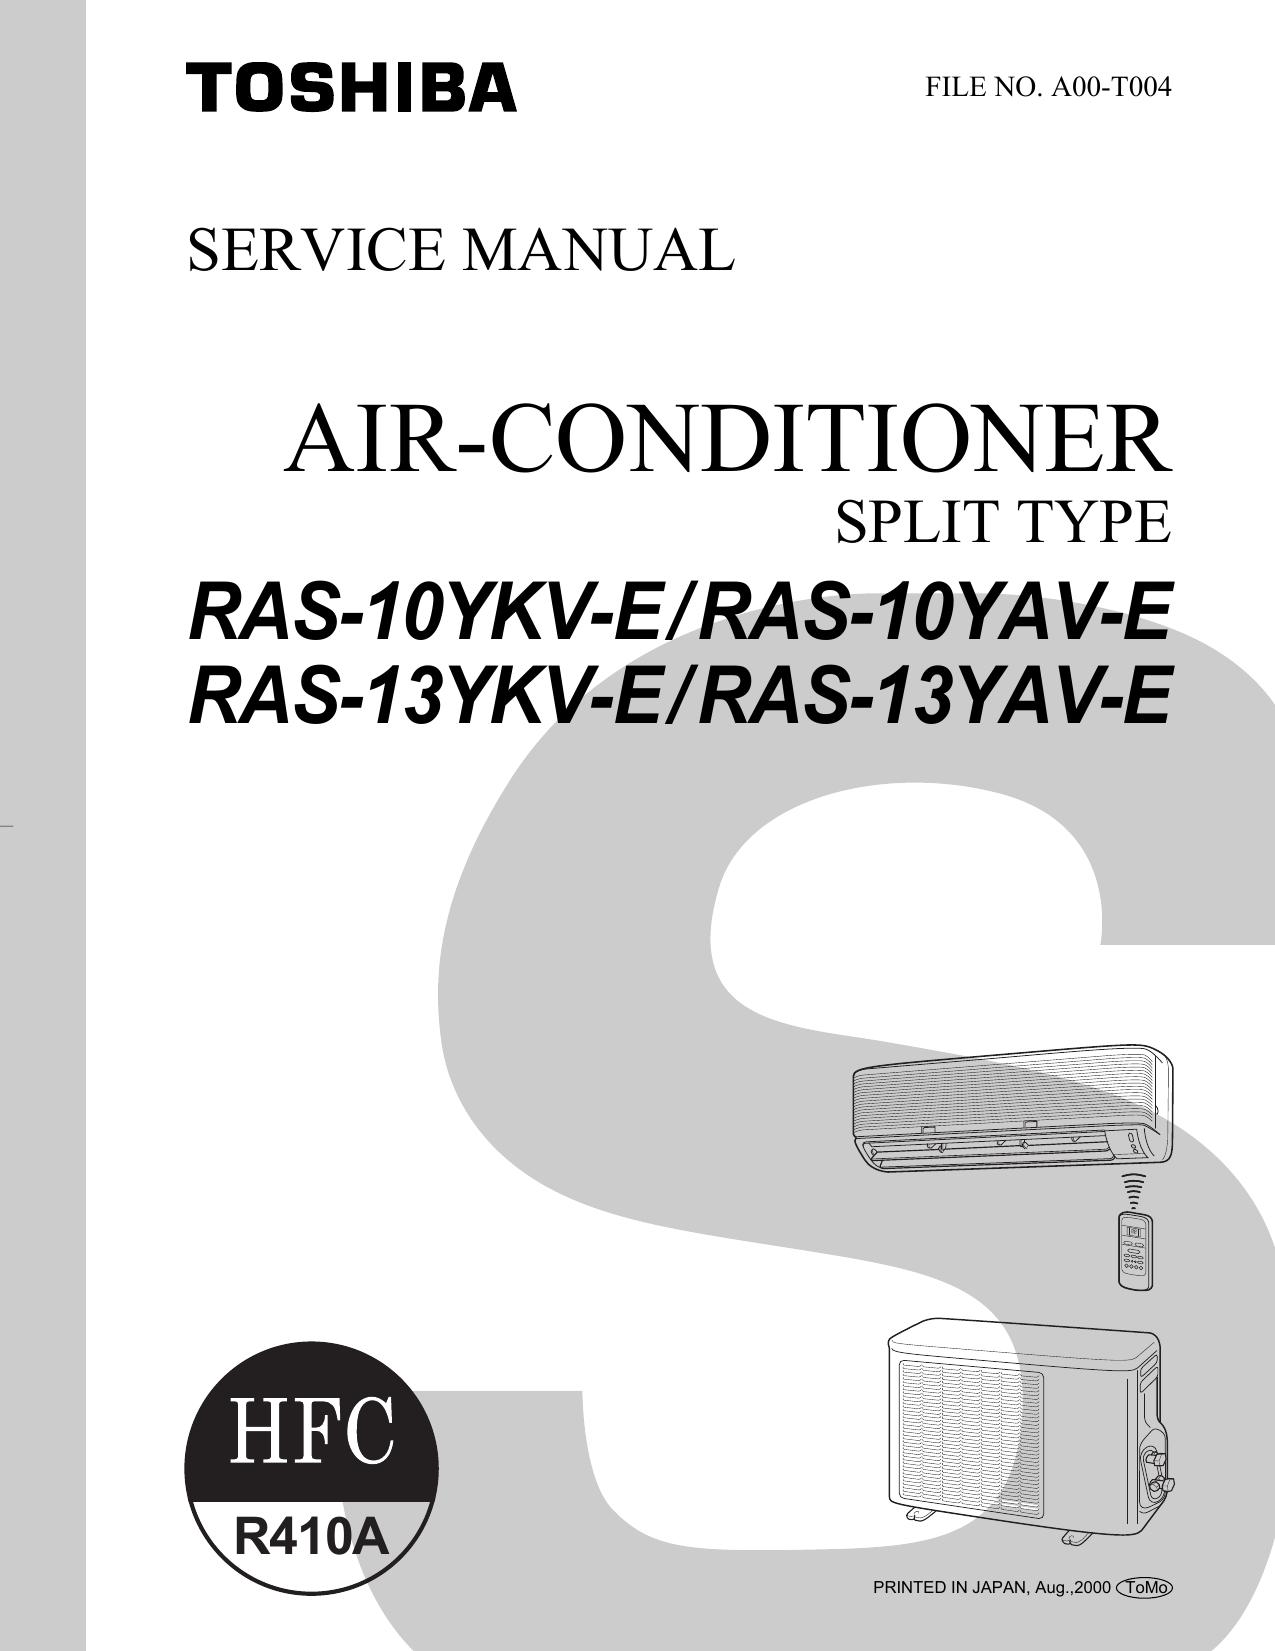 Toshiba RAS-10YAV-E Air Conditioner User Manual | manualzz.com